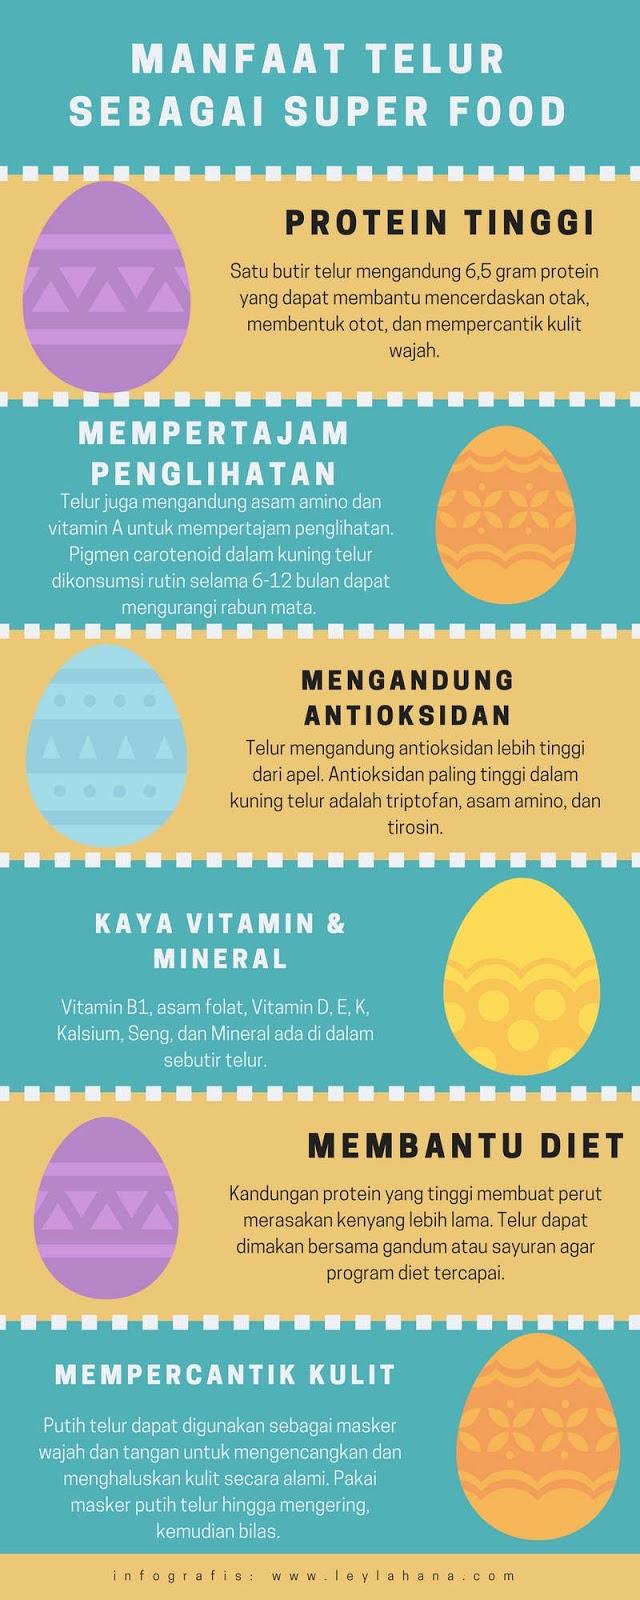 Jual Slimming Diet Gluta 200000 3 fungsi dalam 1 Kapsul Obat Pelangsing , Pemutih & Awet Muda